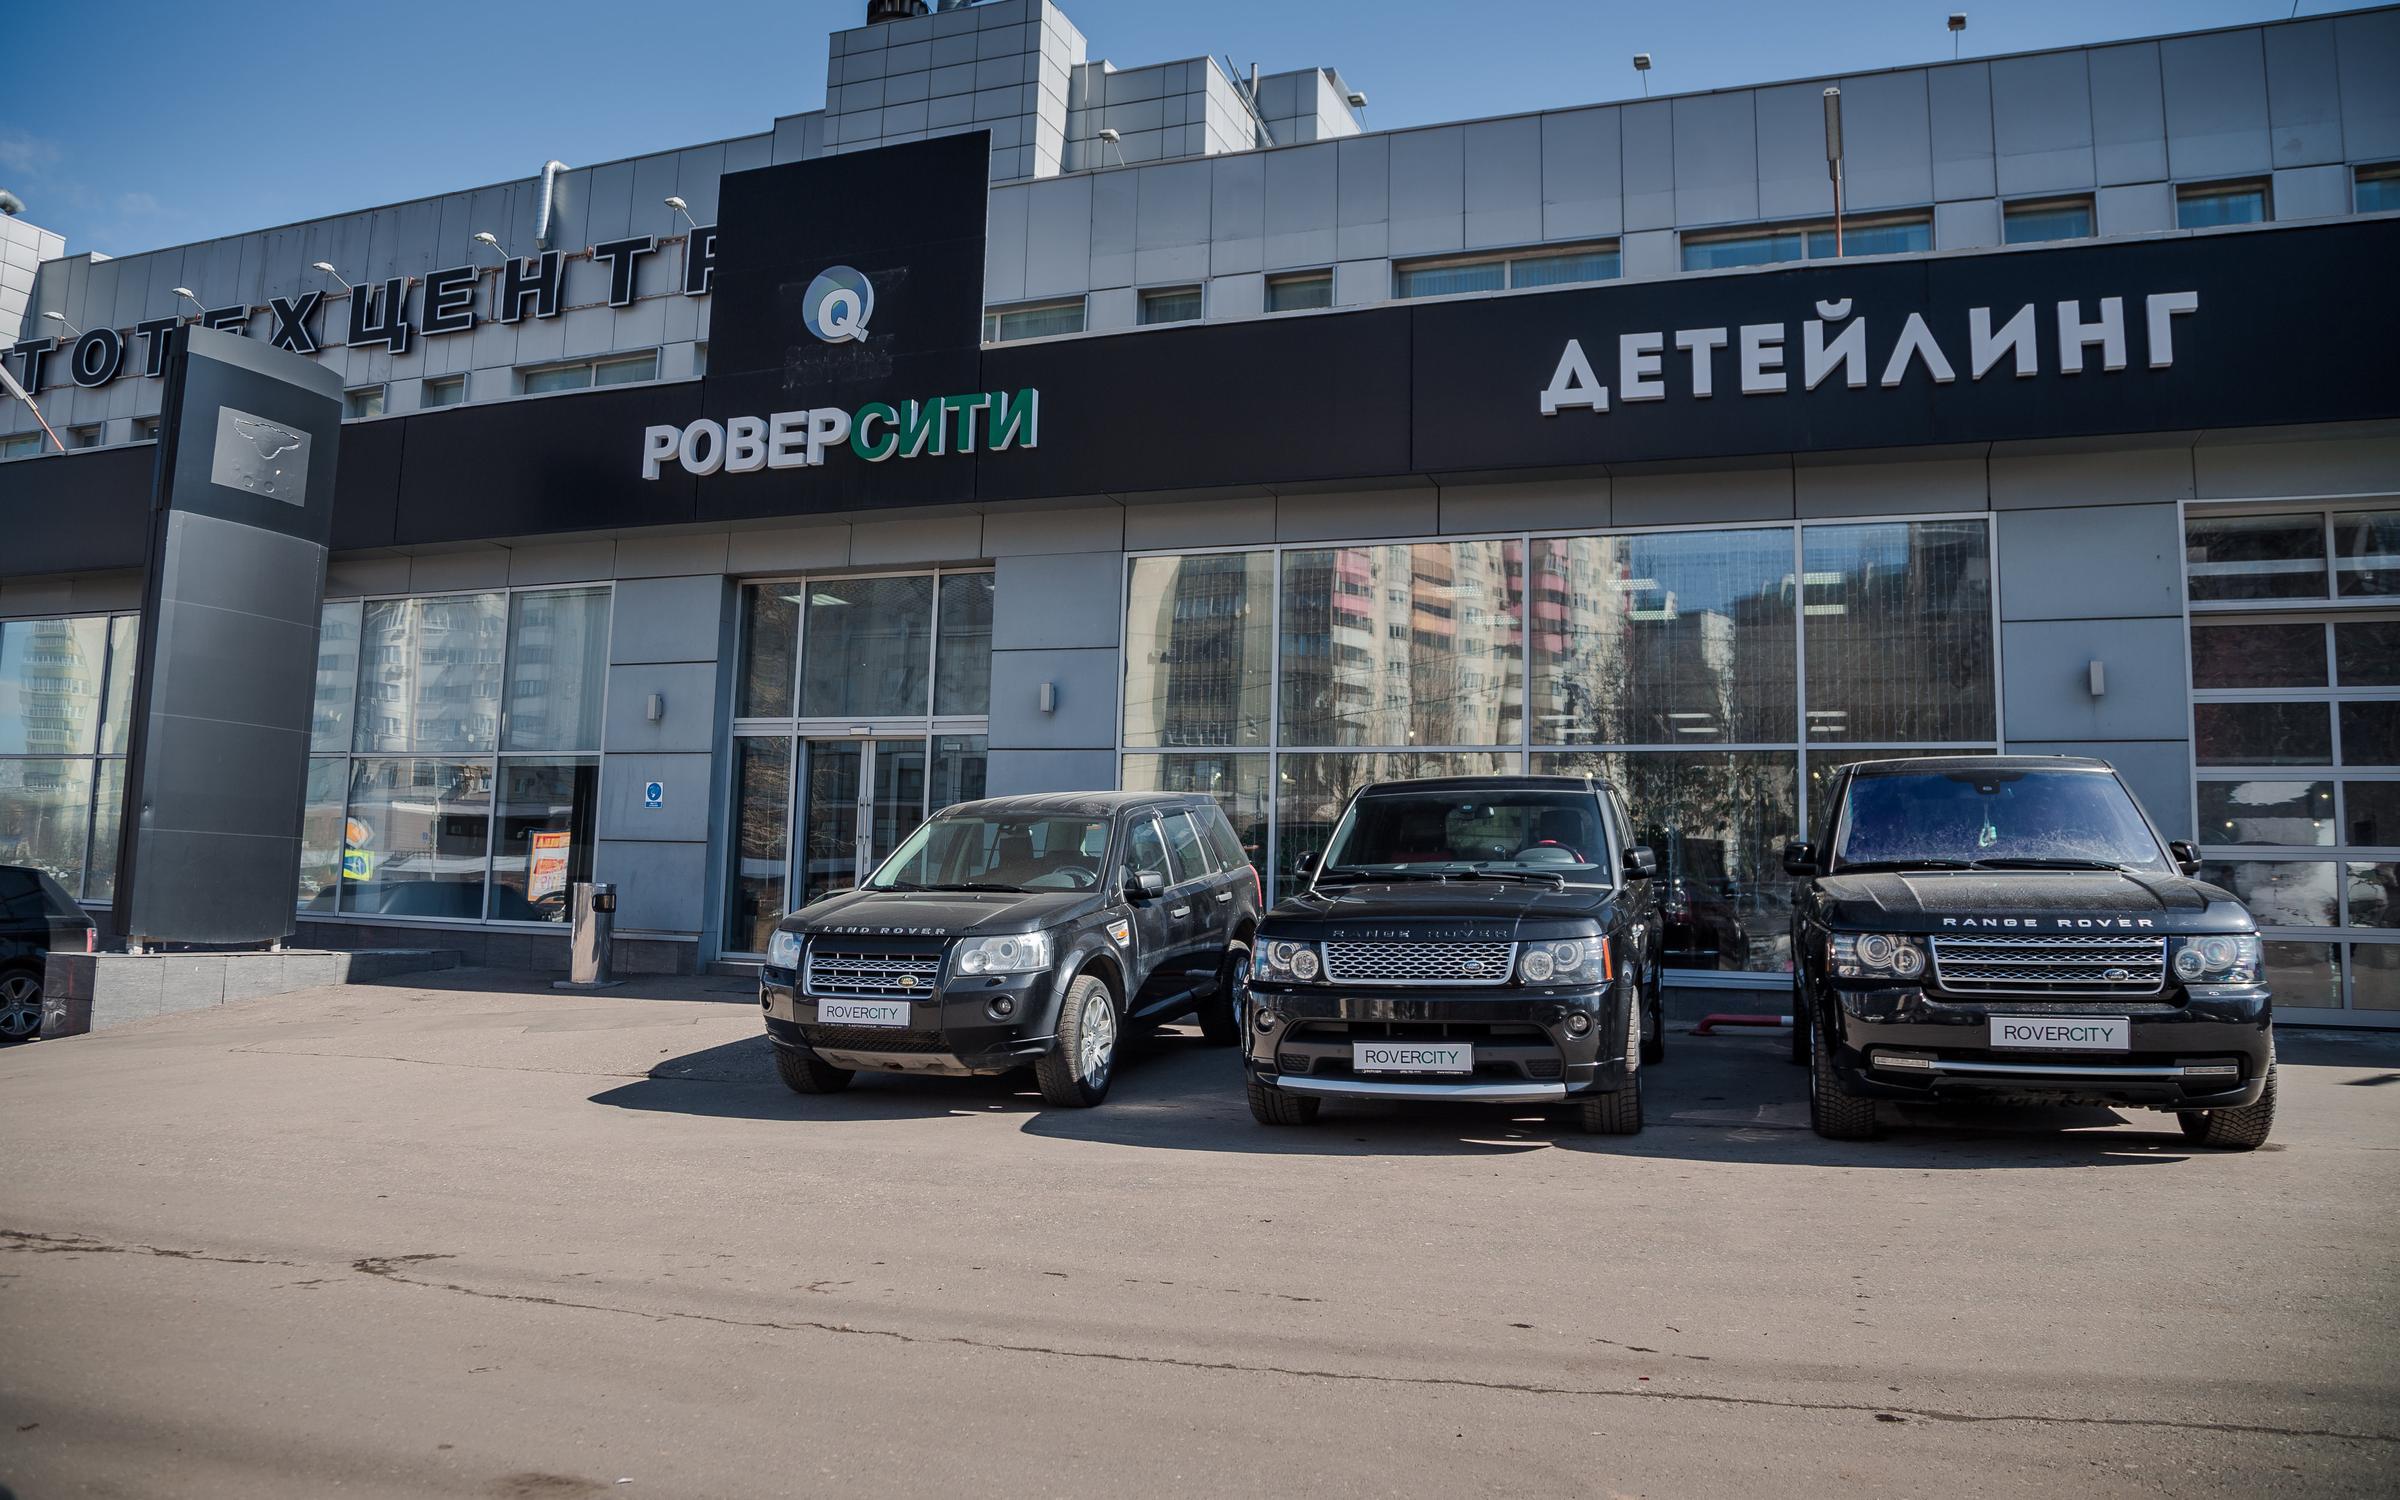 фотография Автомастерской ДетейлингофЪ на Севастопольском проспекте